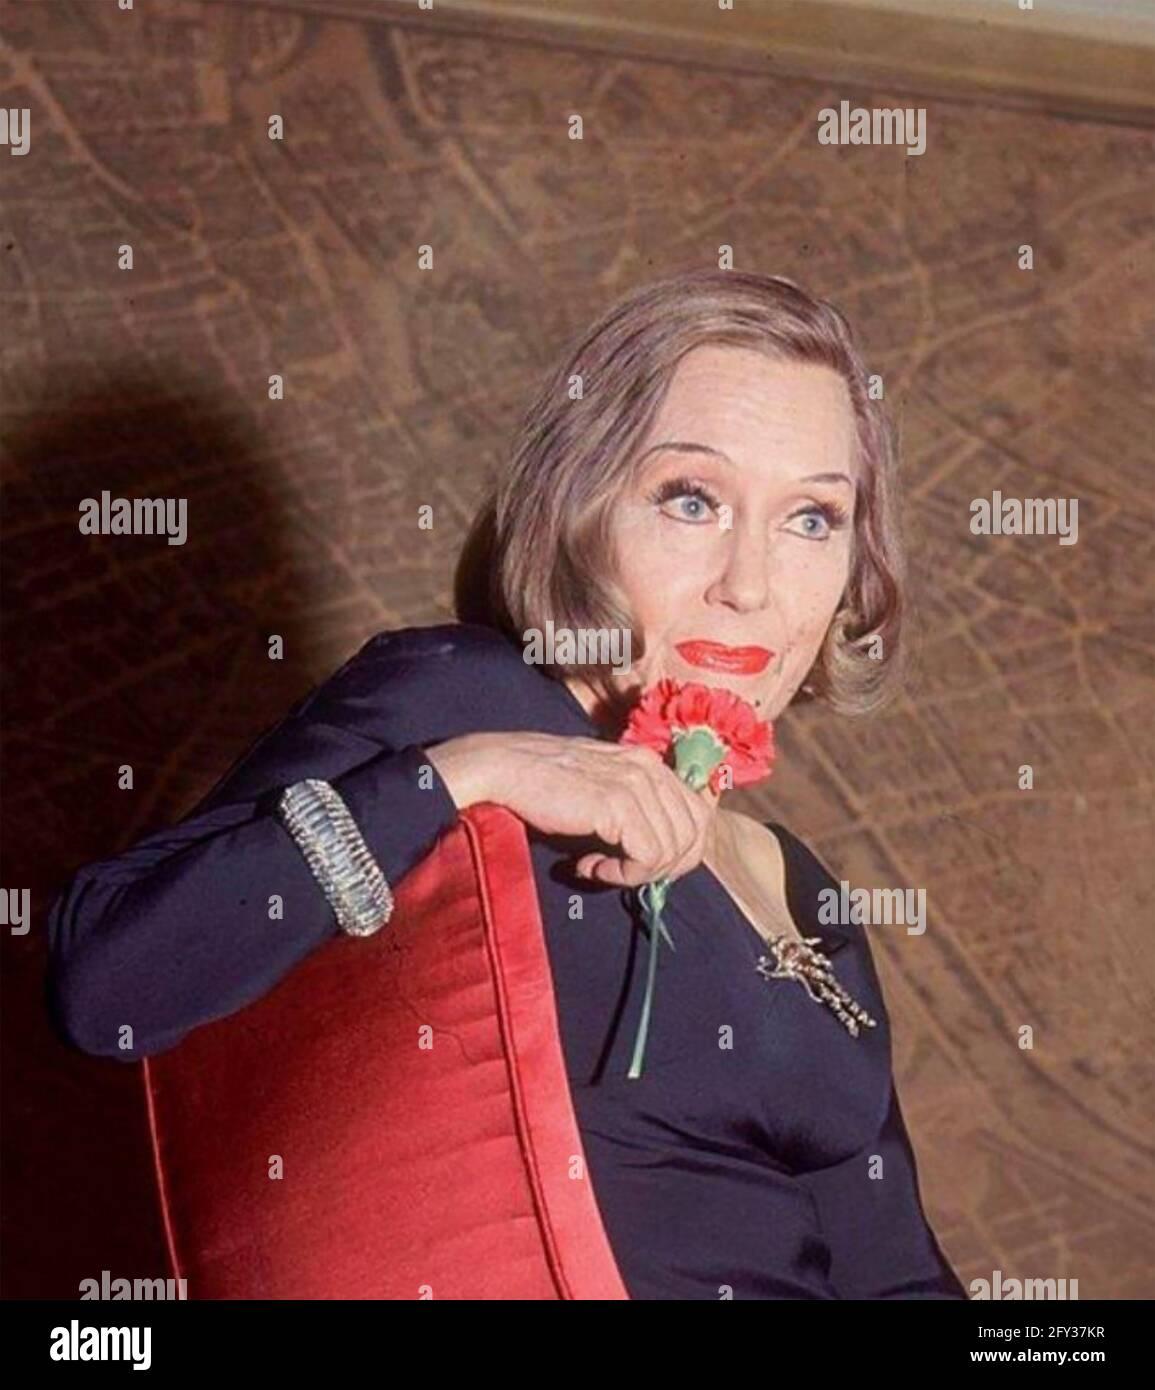 GLORIA SWANSON (1899-1983) actrice américaine vers 1970 Banque D'Images